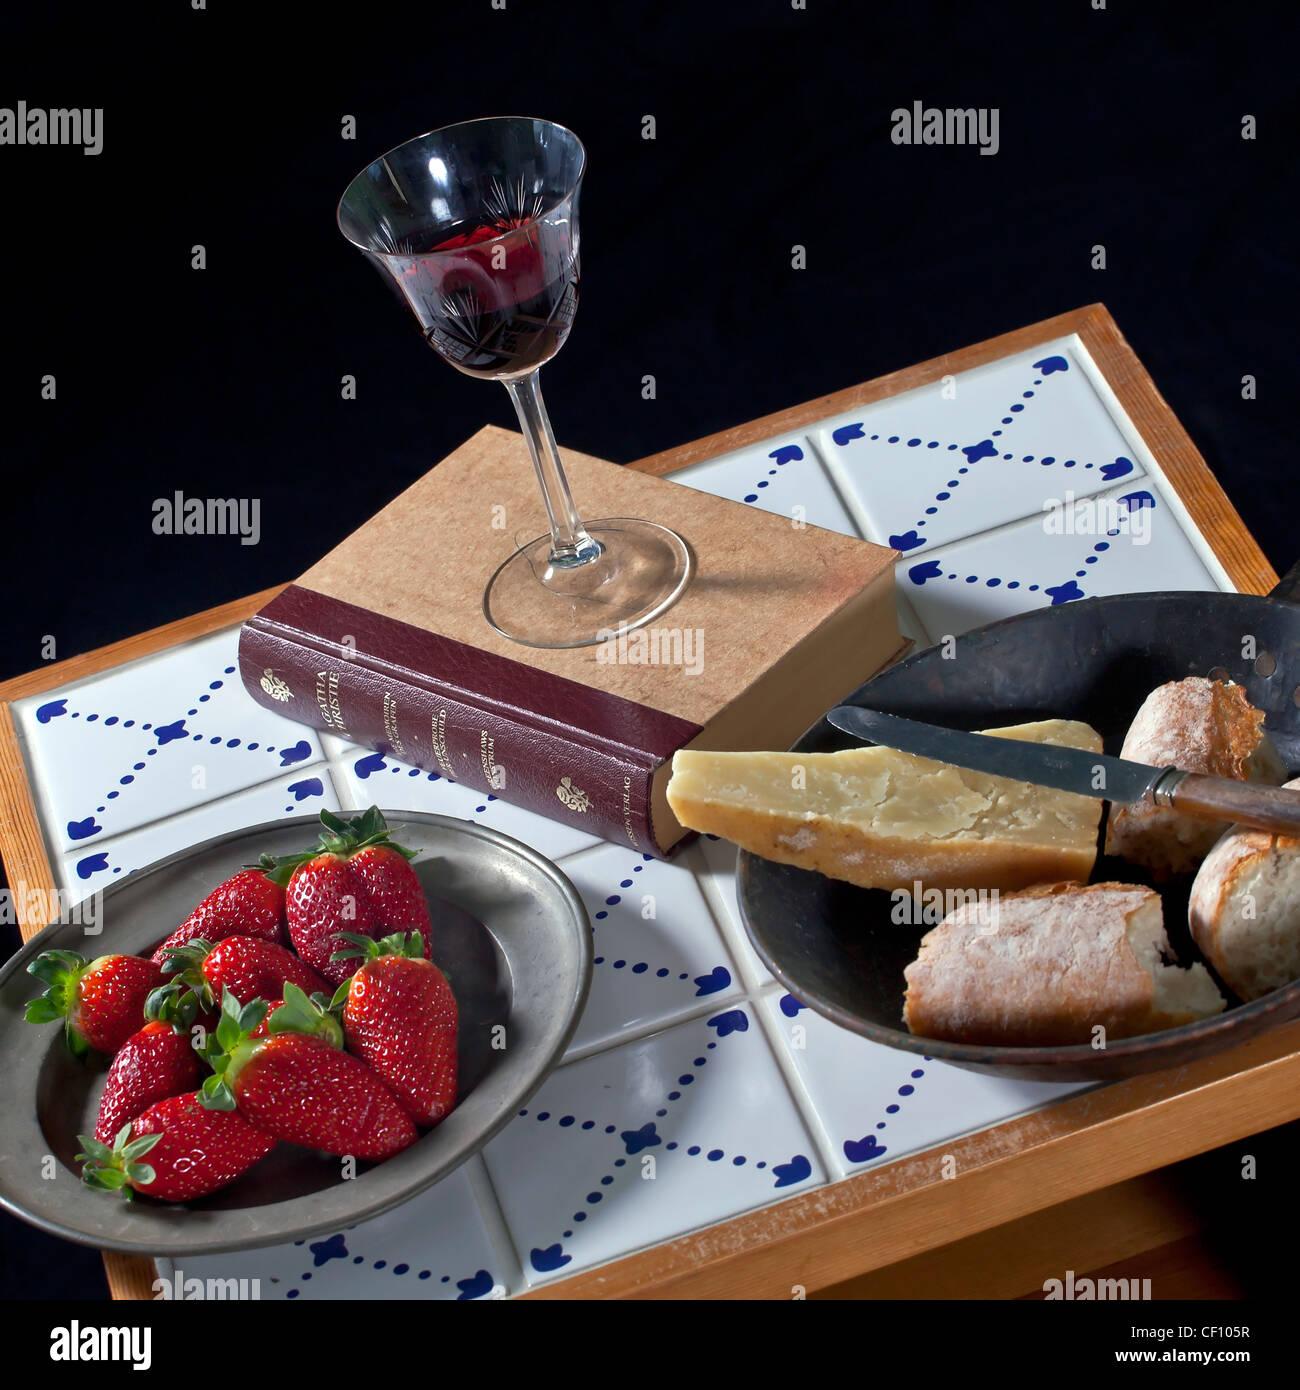 Snack confortable: un livre sur une table faite de vieilles tuiles avec du vin rouge, fraises, fromage et Photo Stock